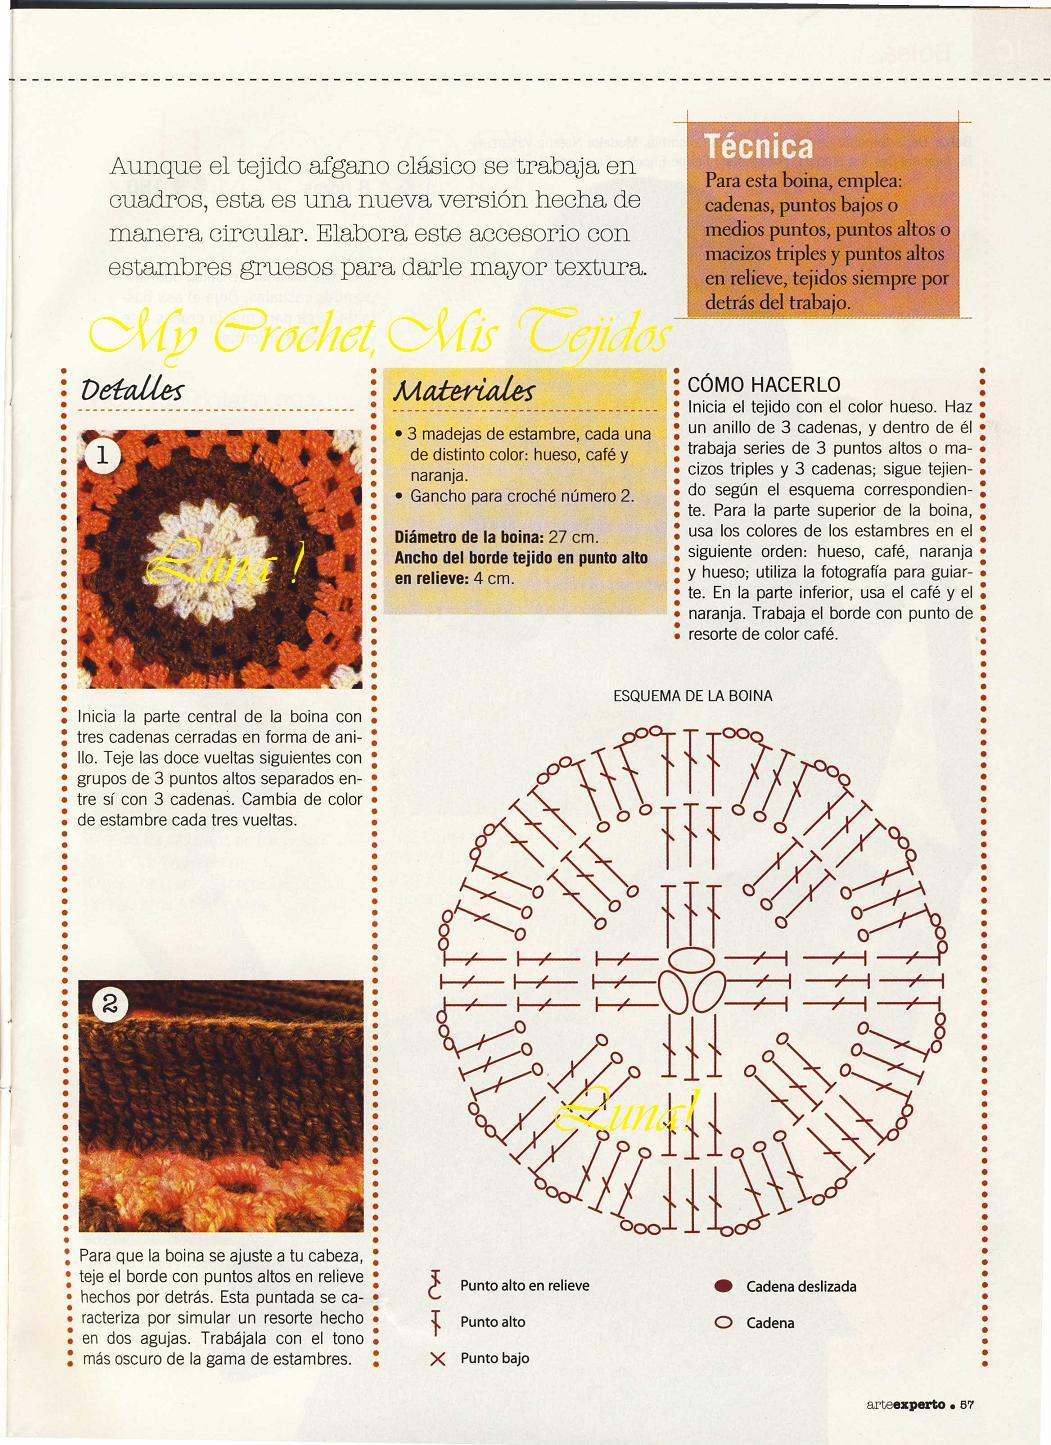 BOINA FÁCIL DE HACER A CROCHET | Patrones Crochet, Manualidades y ...